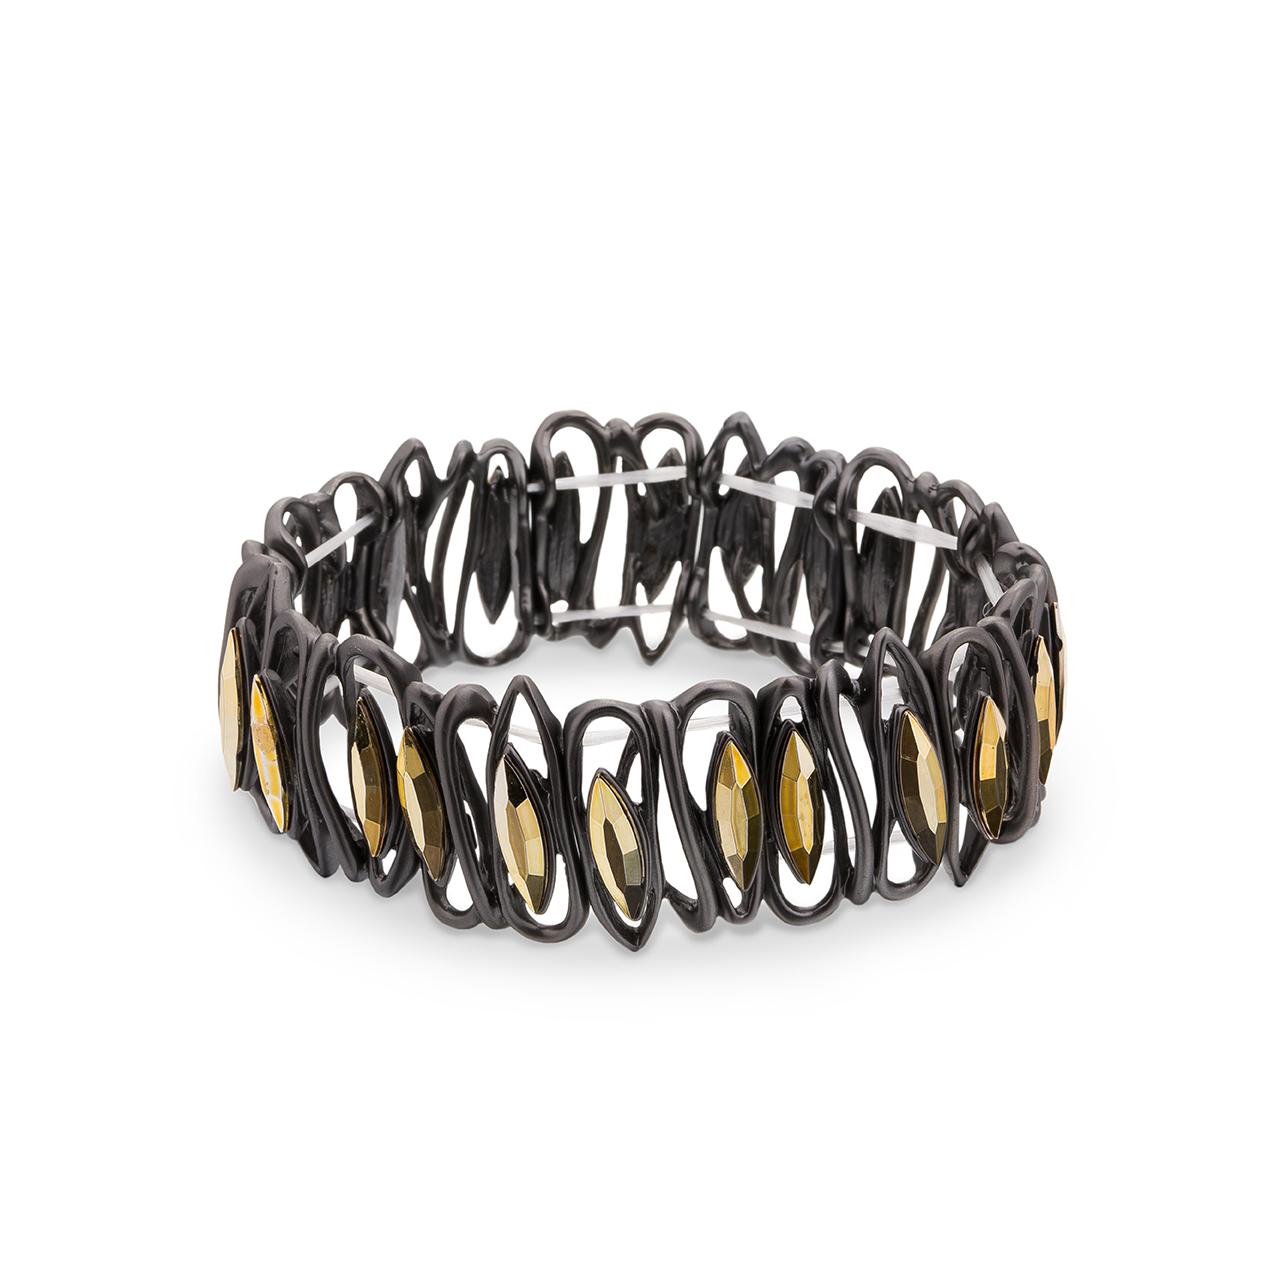 دستبند بای سیمون مدل 3570803 سایز 3